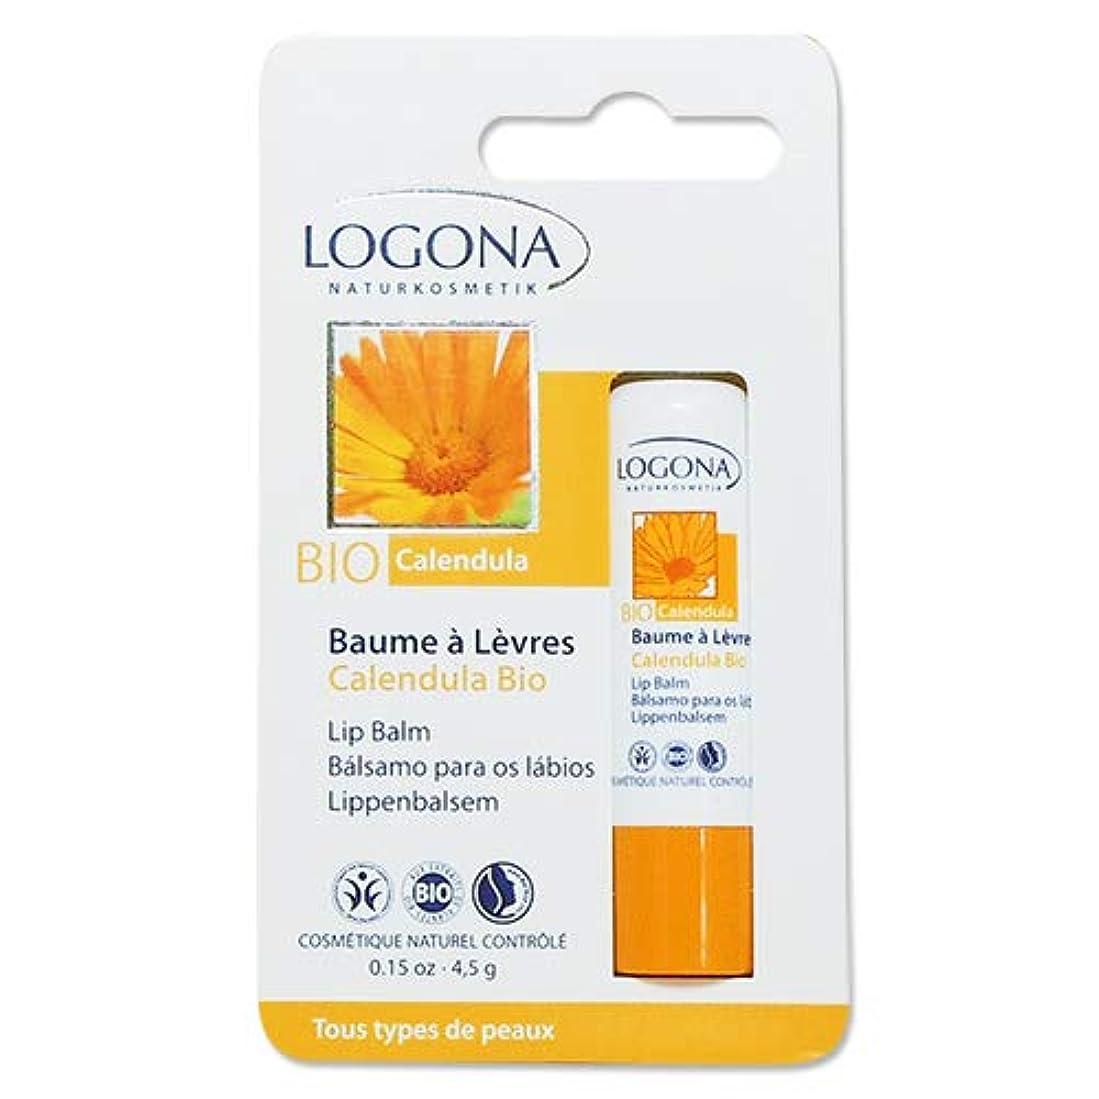 ベックスお香復活3個セット ロゴナ(LOGONA) キャレンデュラ リップクリーム 4.5g[海外直送品]